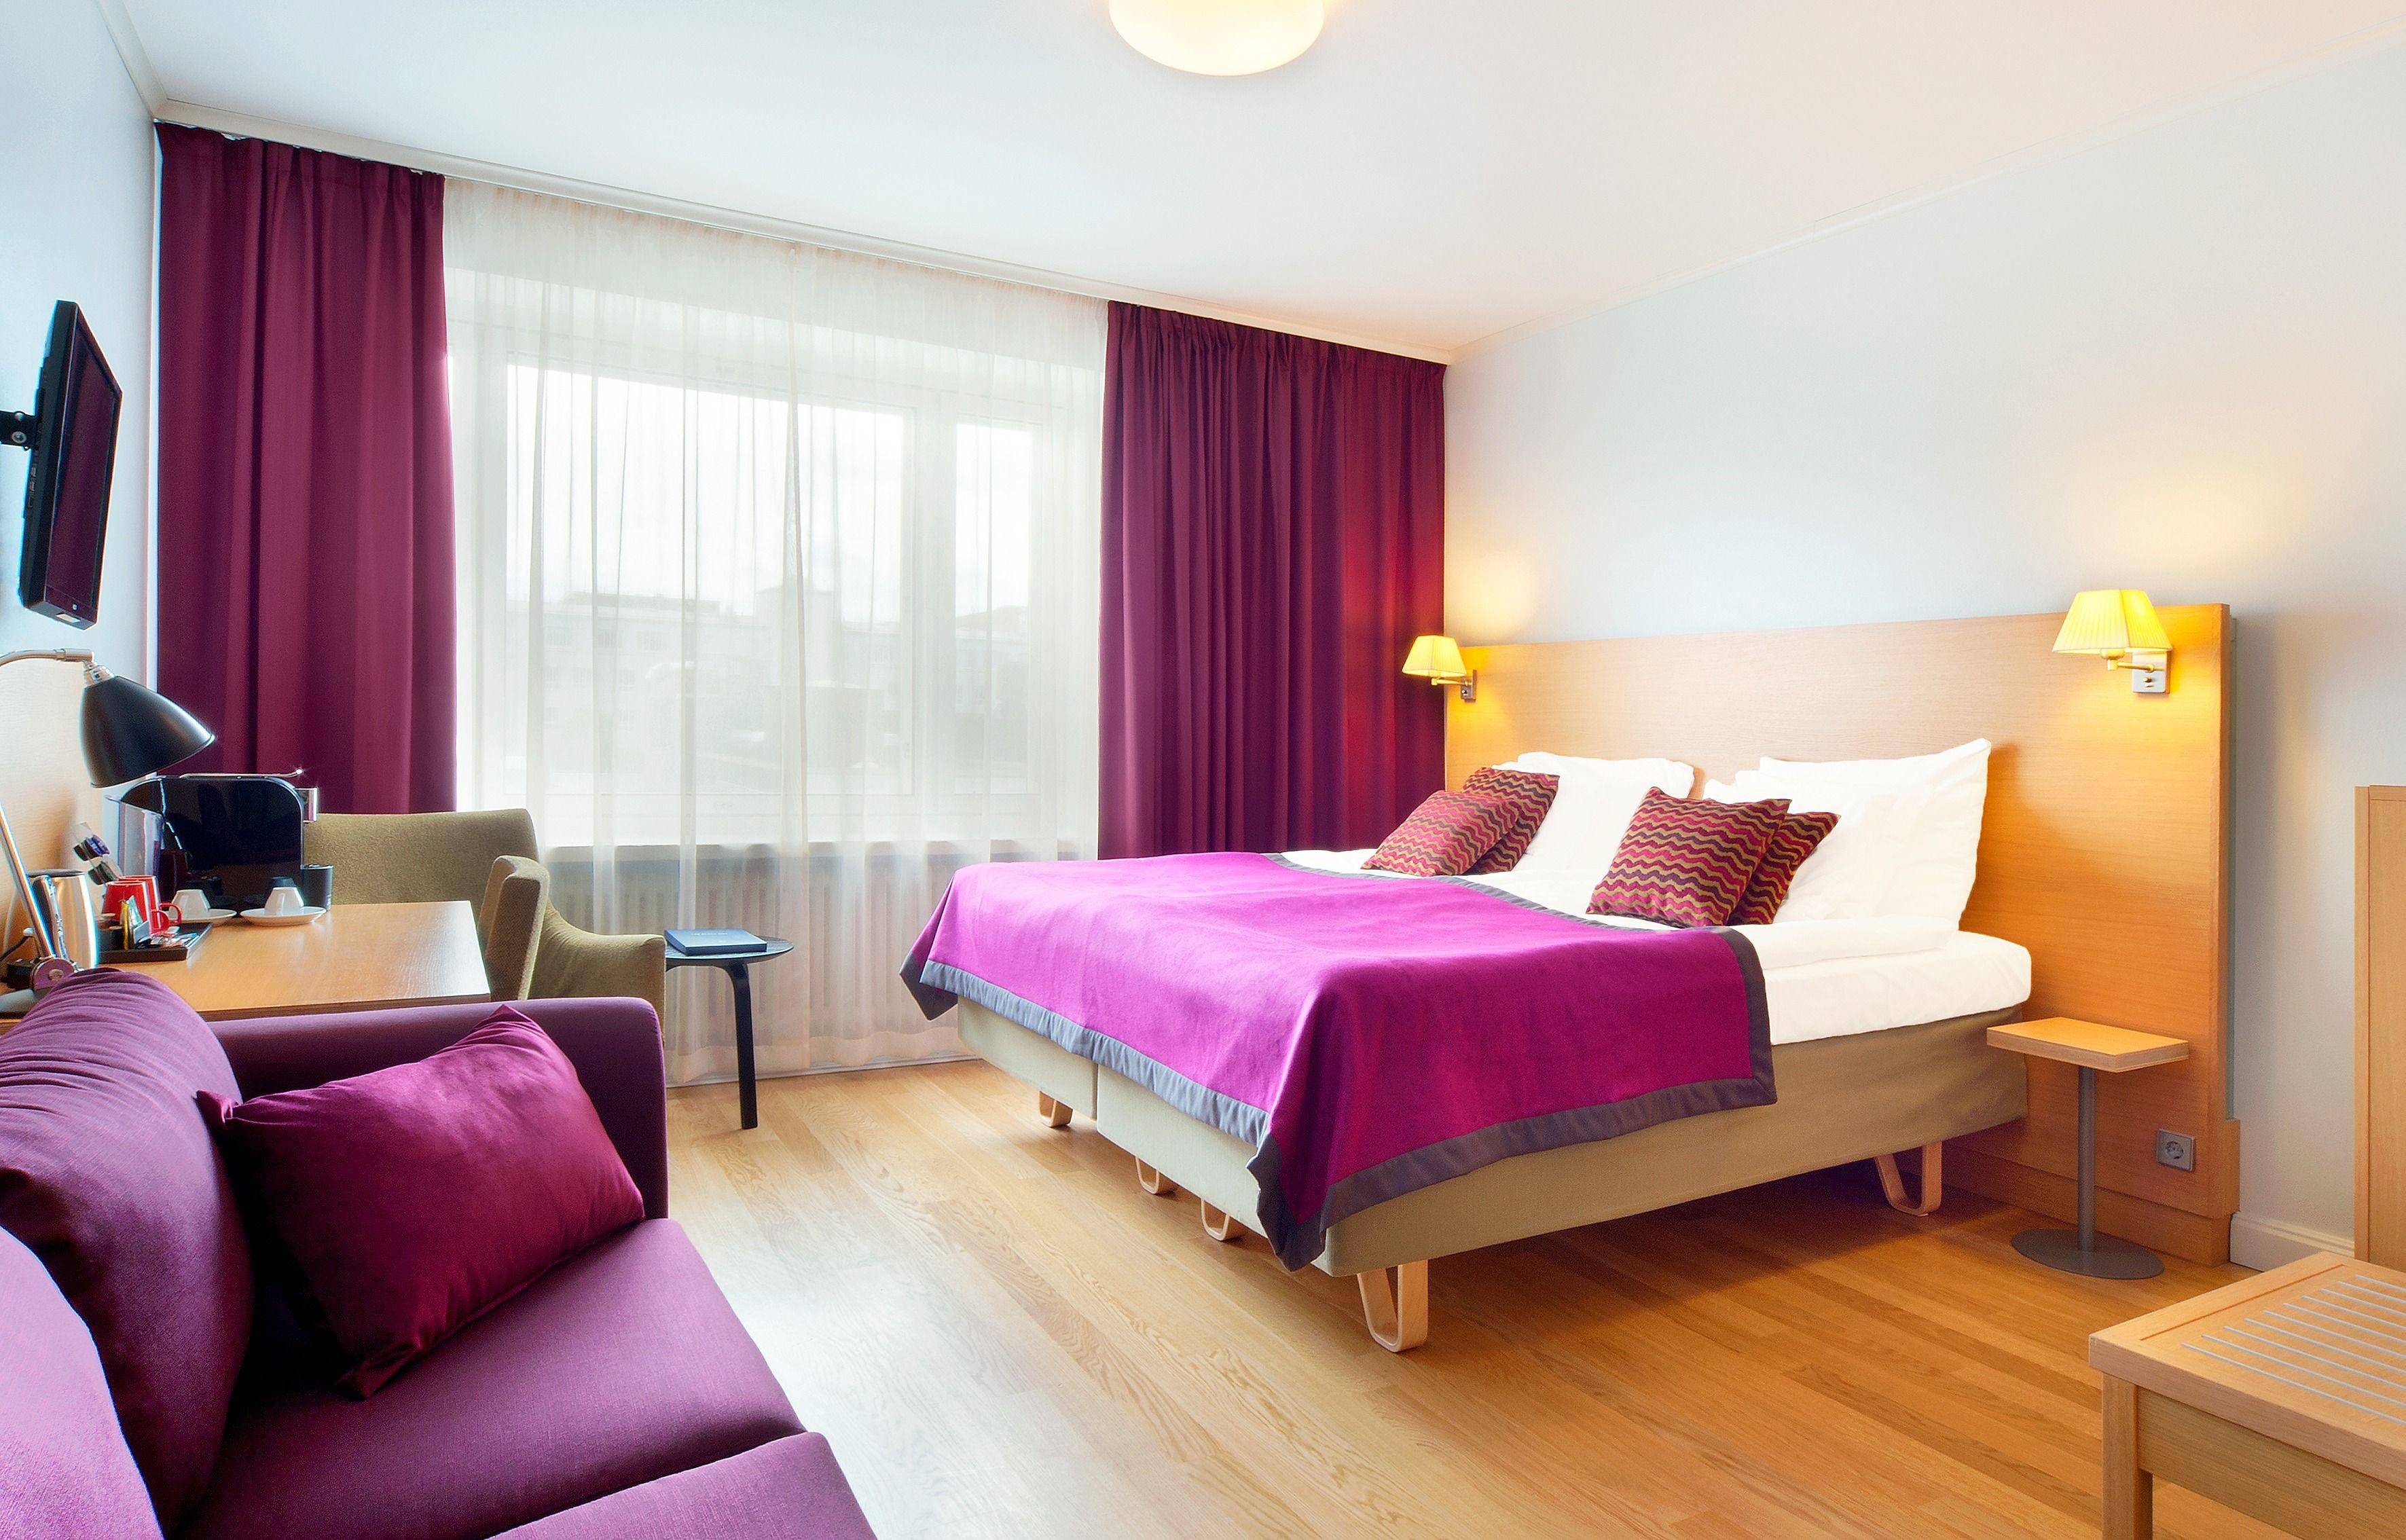 Solo Sokos Hotel Lahden Seurahuone, Lahti, Finland. Valitse väriä. Choose colour.  #hotelliving #lahti #solobysokoshotels